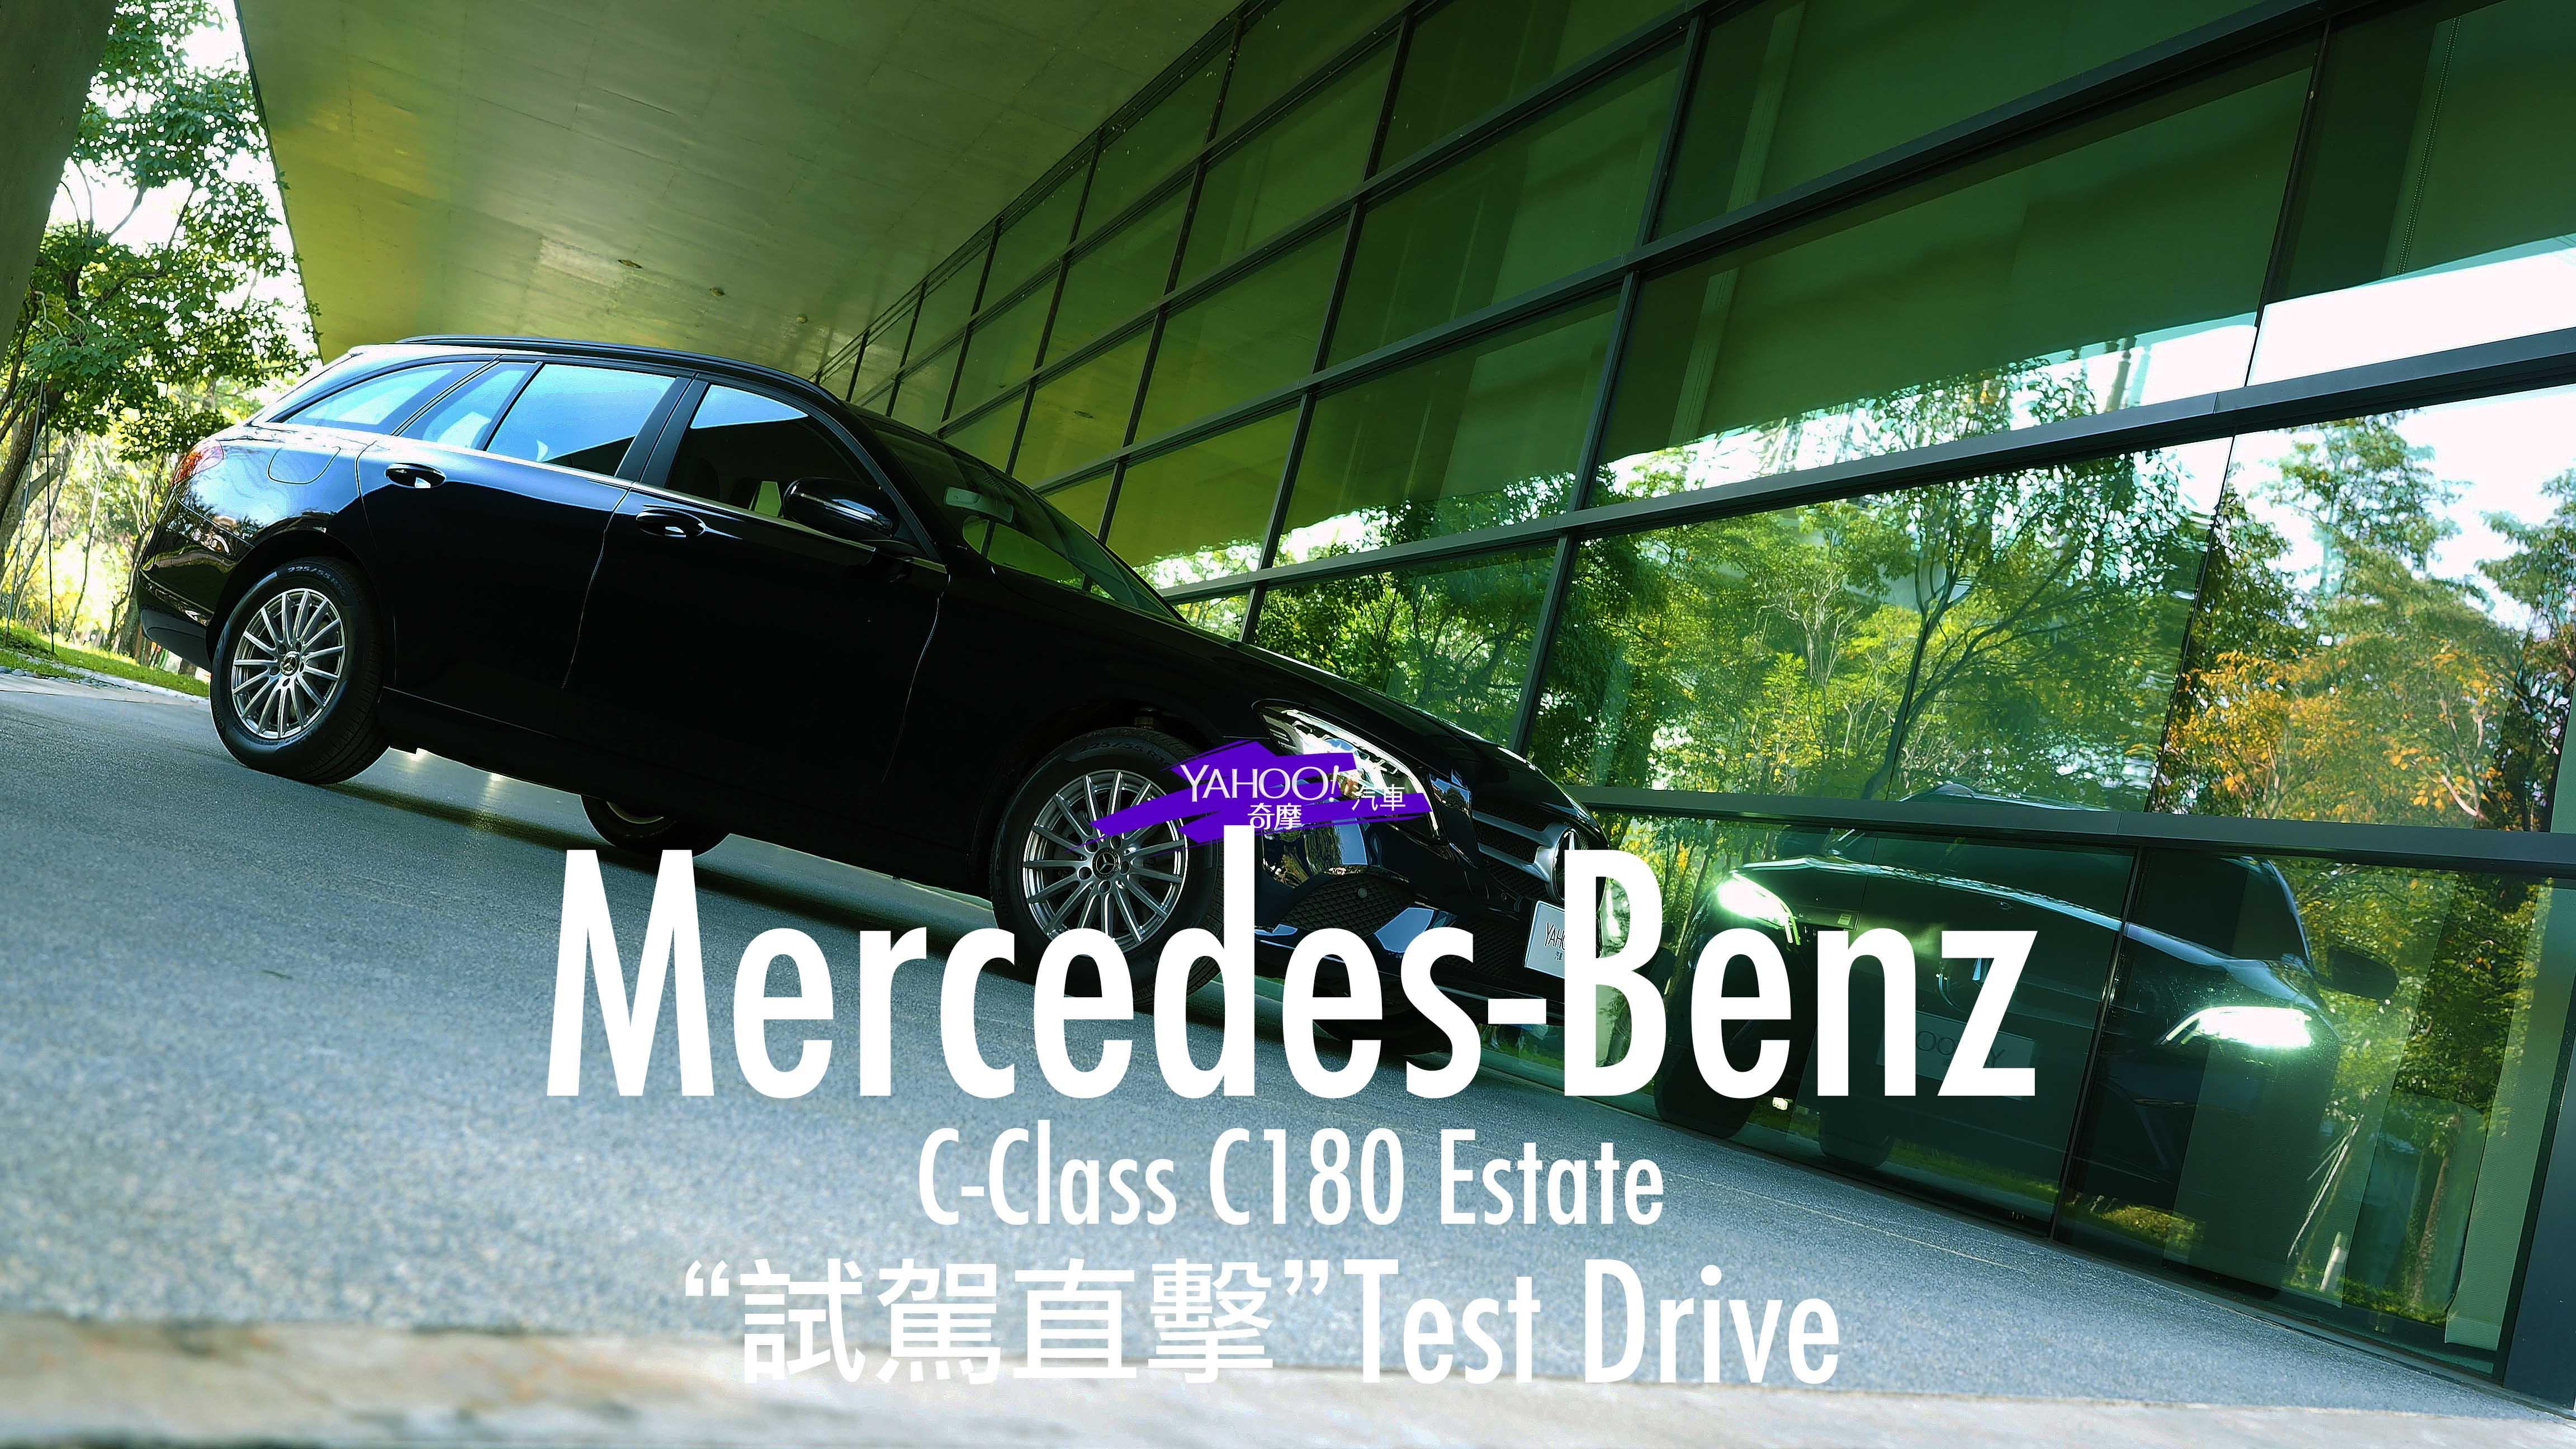 【試駕直擊】最強的初段 2019 Mercedes-Benz C180 Estate南投試駕